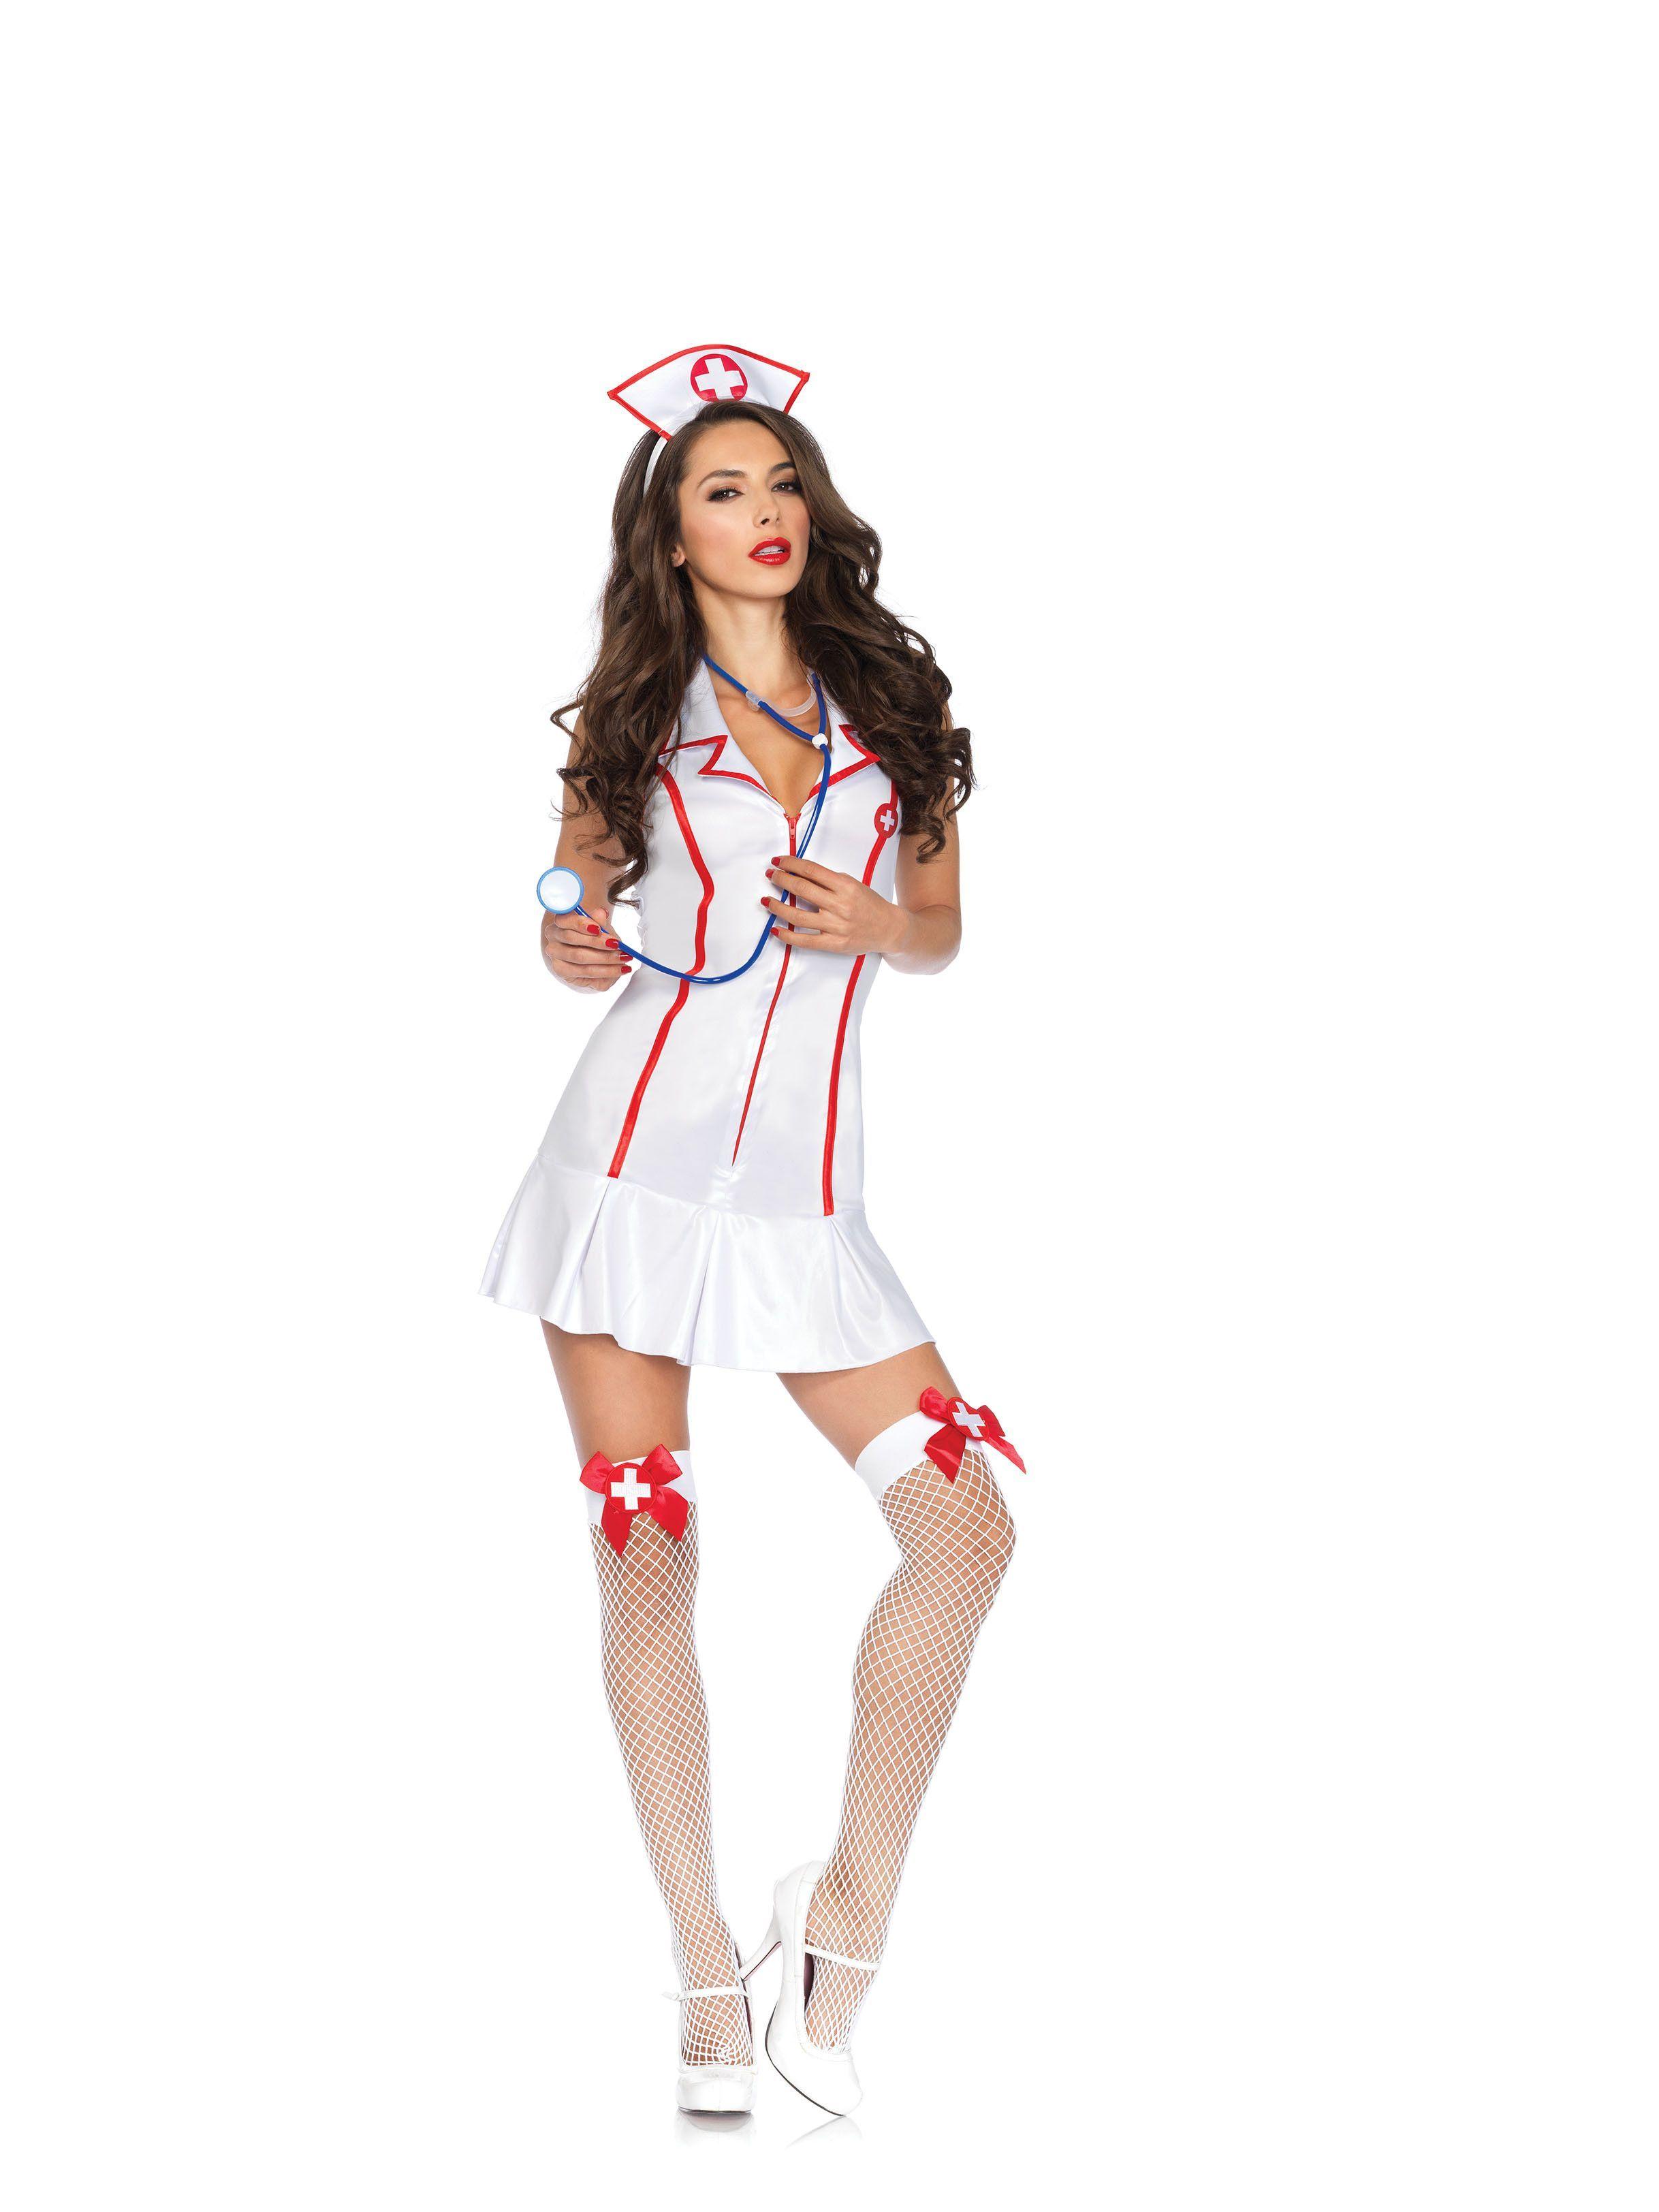 c4236865467c1 Head Nurse Costume in 2019 | Halloween | Nurse costume, Nurse ...